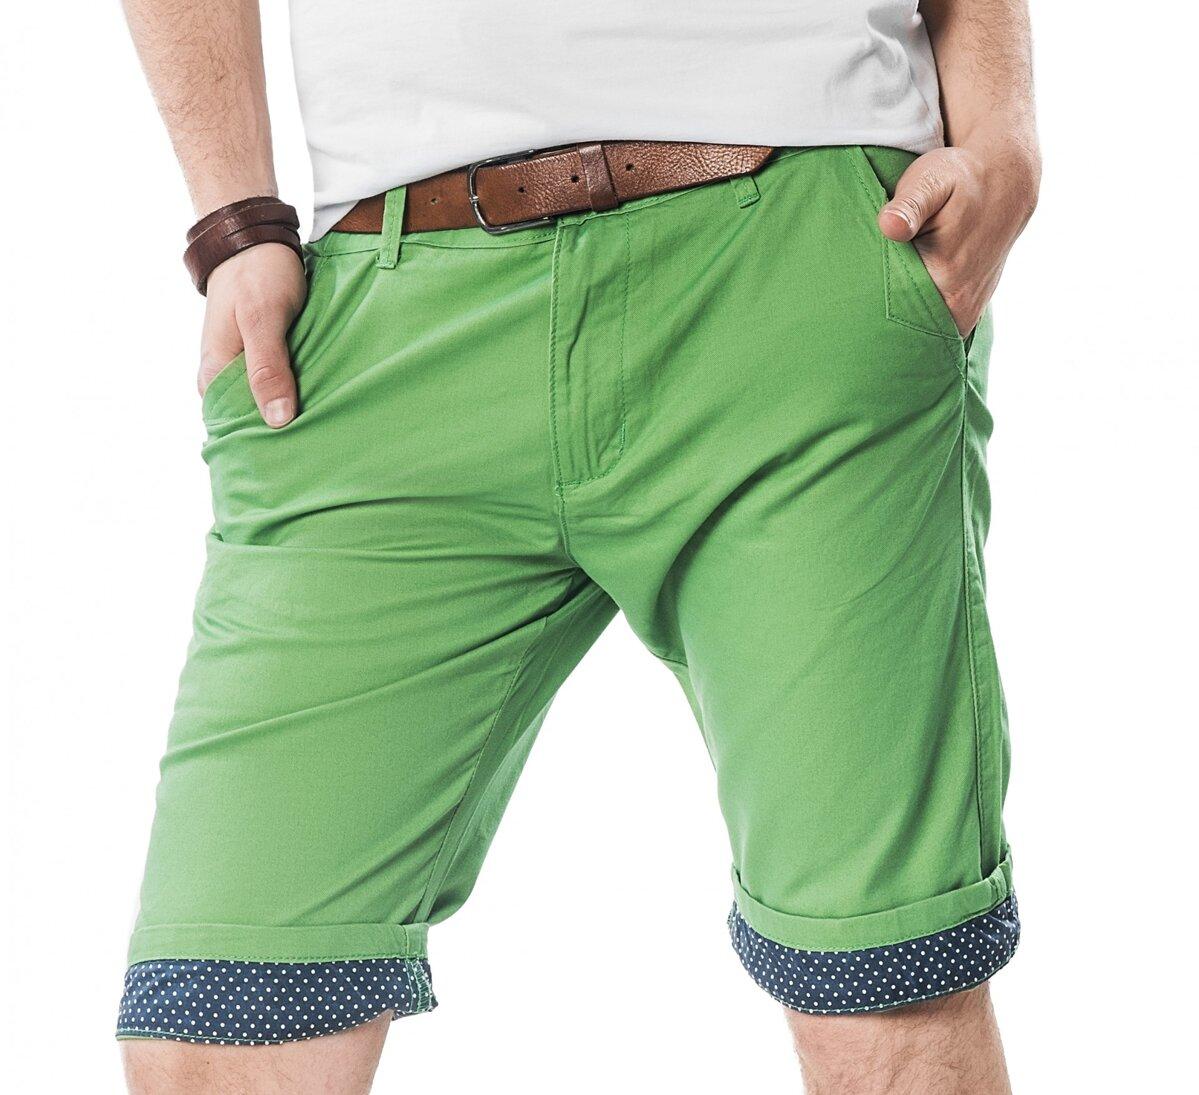 608489ba771c Moderné krátke pánske nohavice SKR- 01 zelené